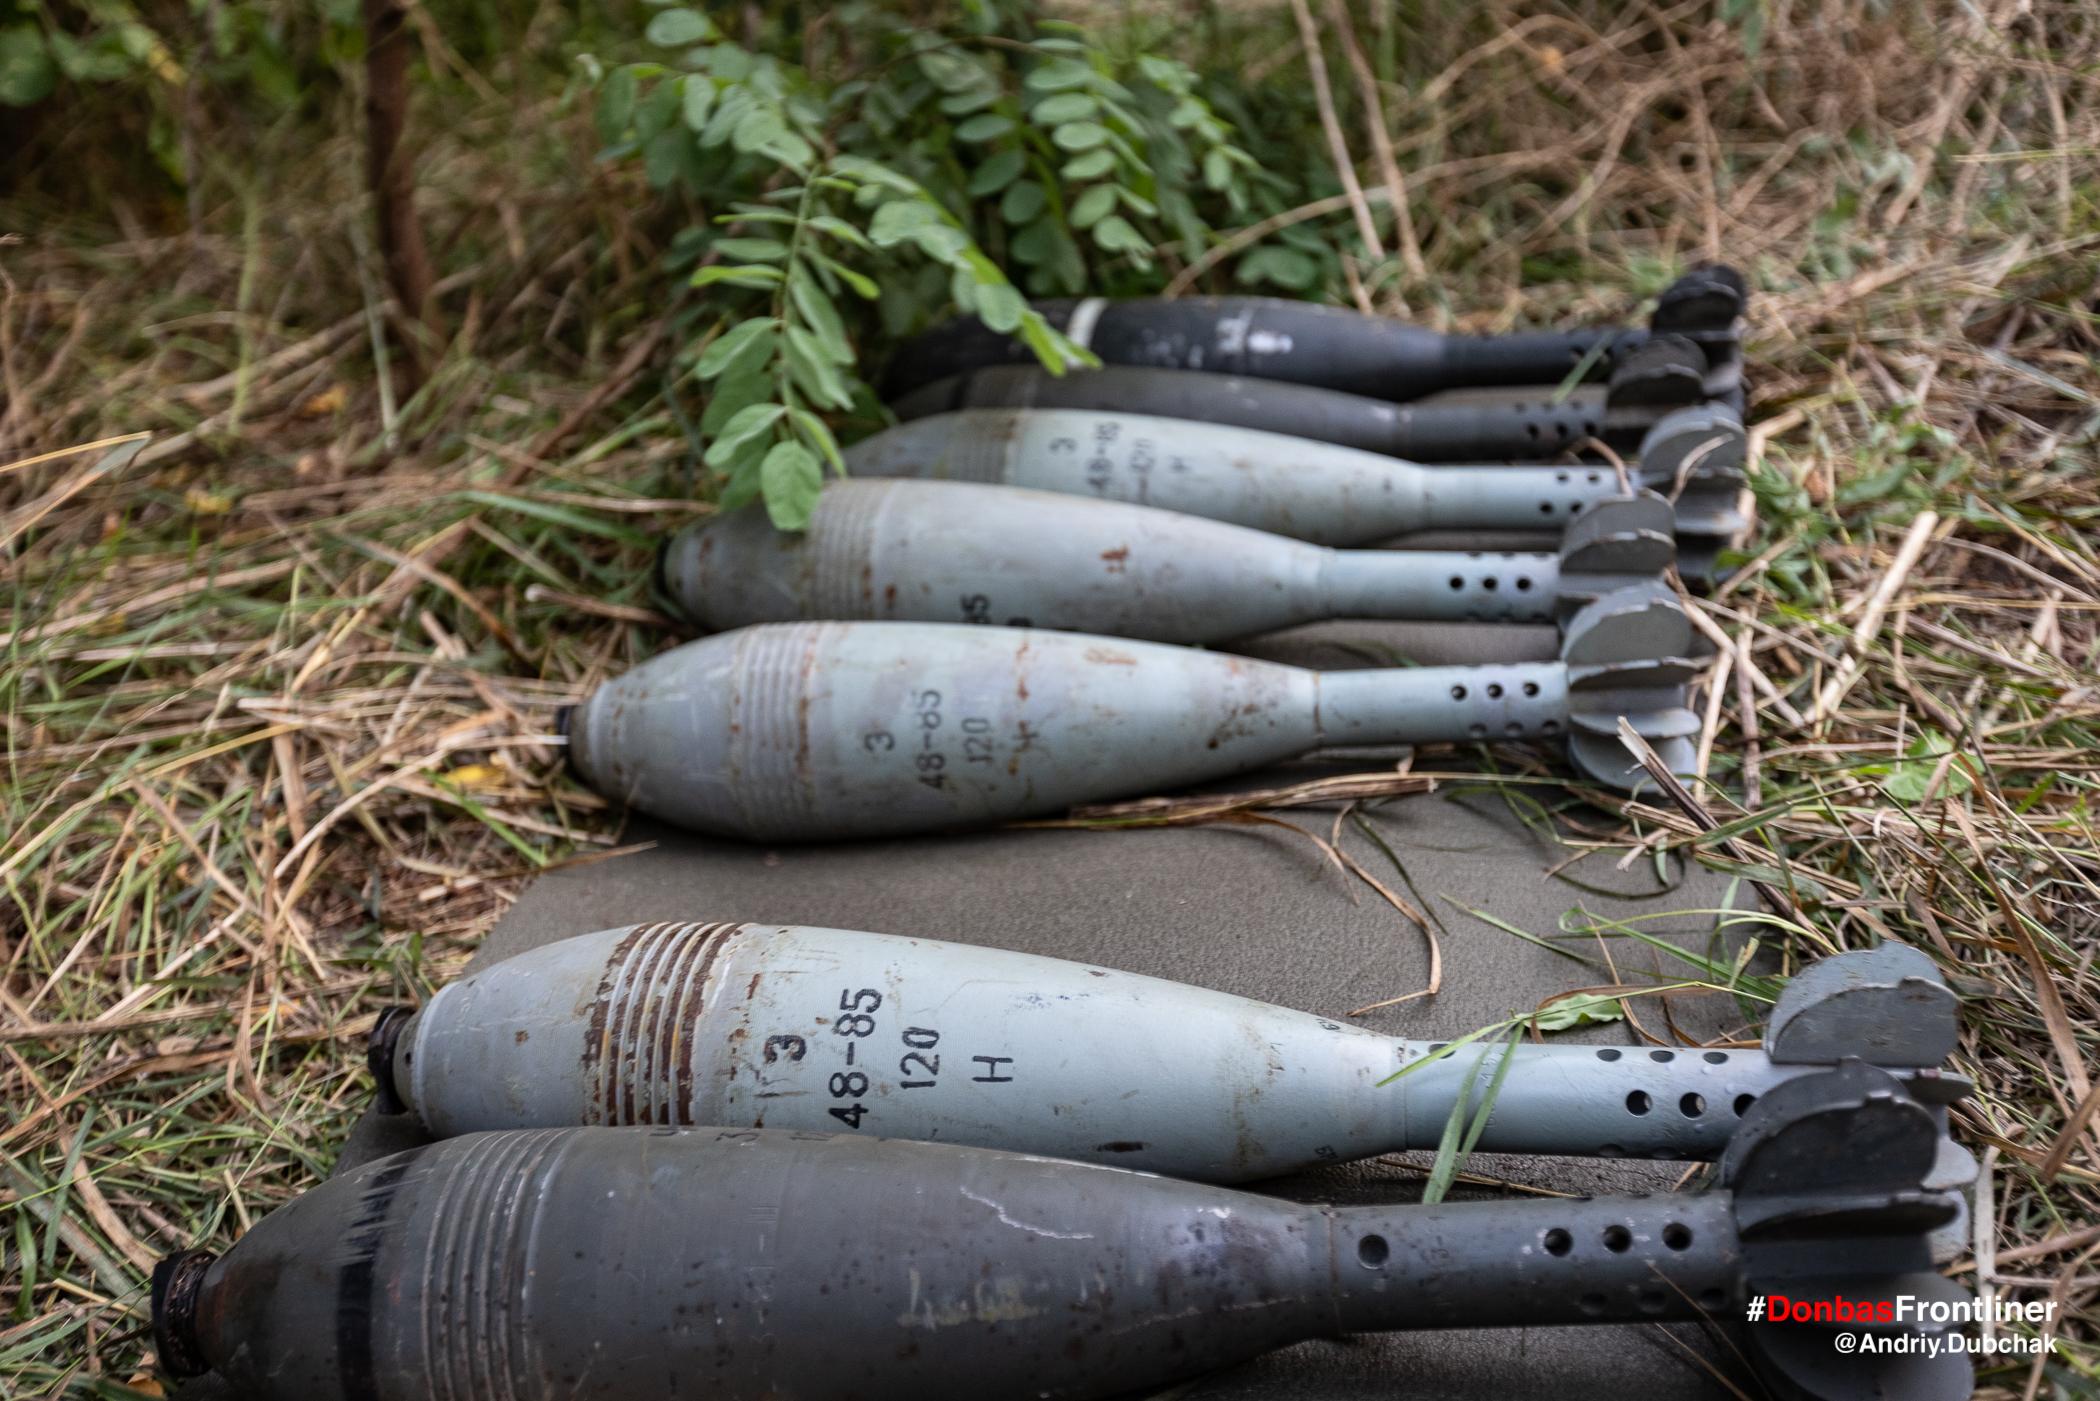 Мінометні міни 120 мм. Бойове тренування 503-го батальйону морської піхоти на Приазов'ї, липень 2021 року